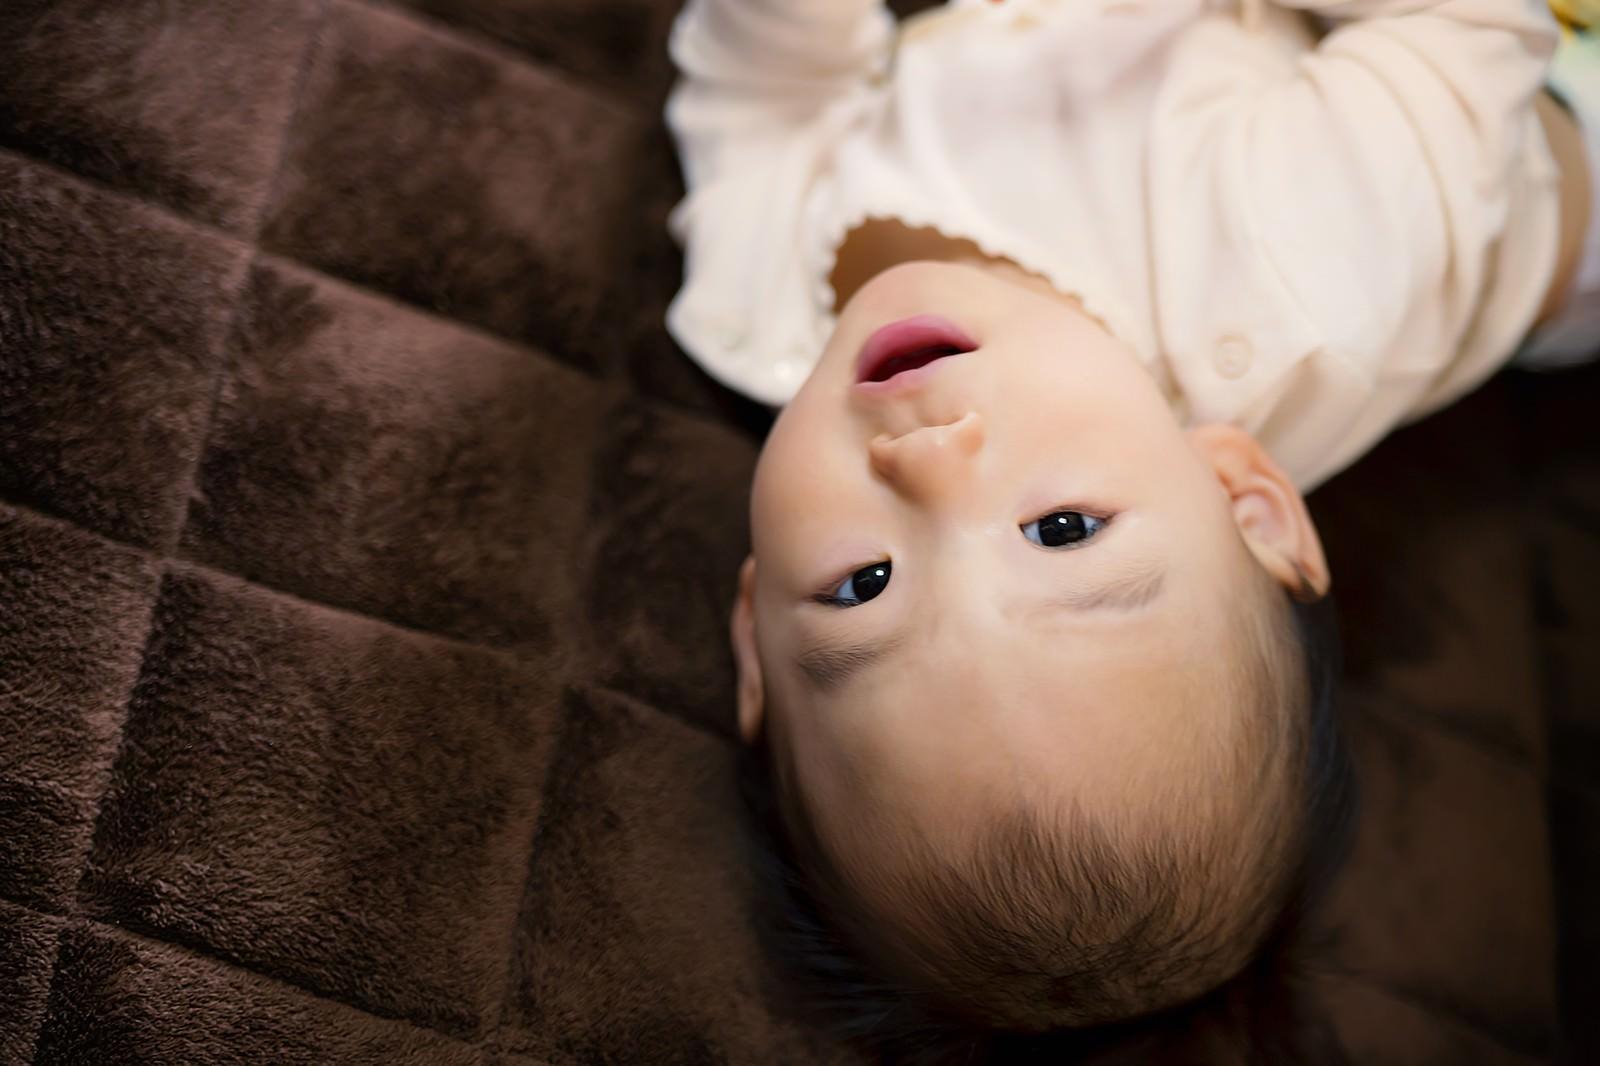 「床に寝転び微笑む赤ちゃん」の写真[モデル:あんじゅ]